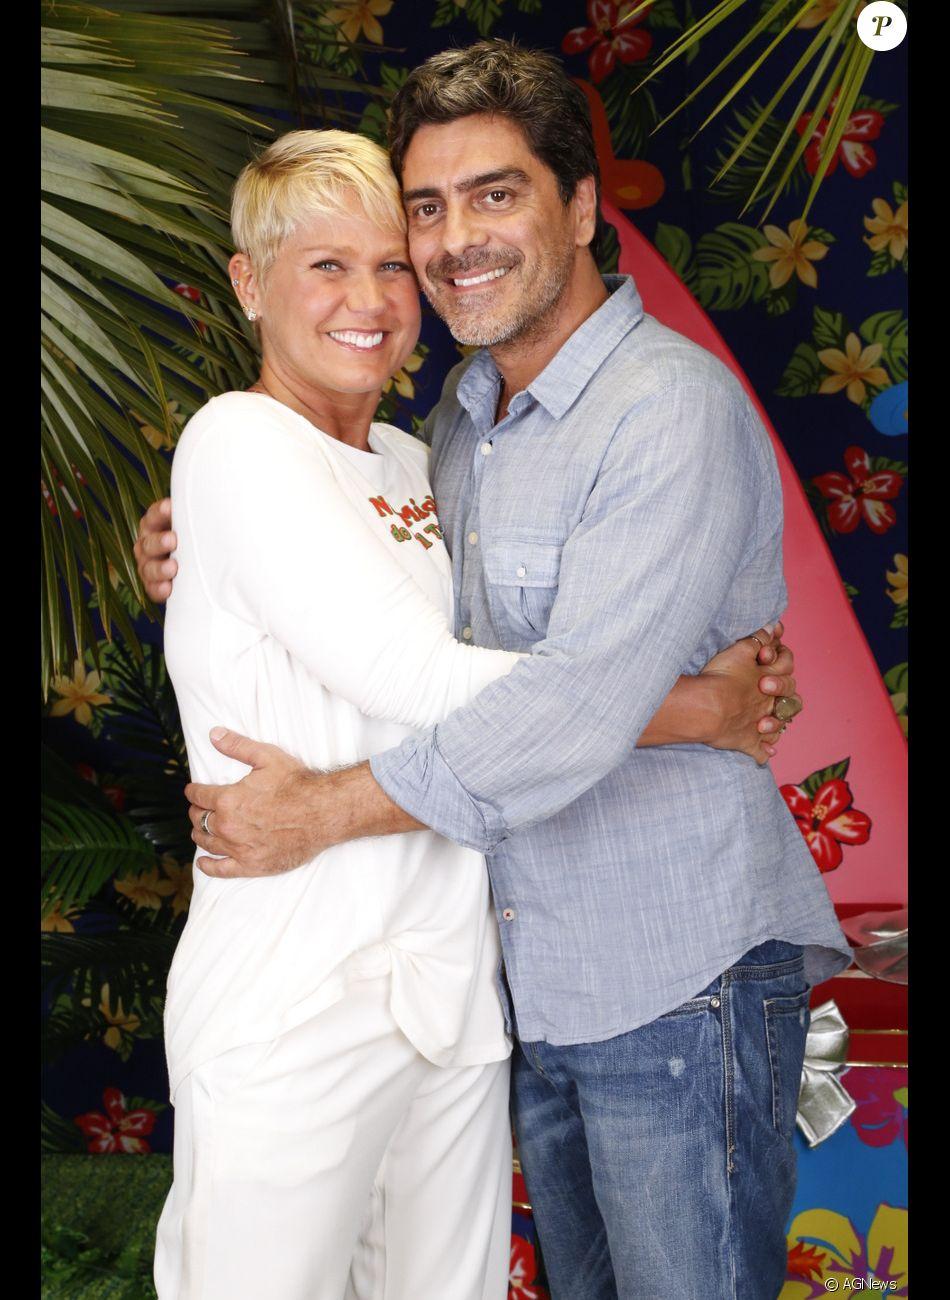 Xuxa destaca sintonia com o namorado, Junno Andrade, na cama em entrevista à revista 'Contigo' nesta sexta-feira, dia 10 de novembro de 2017